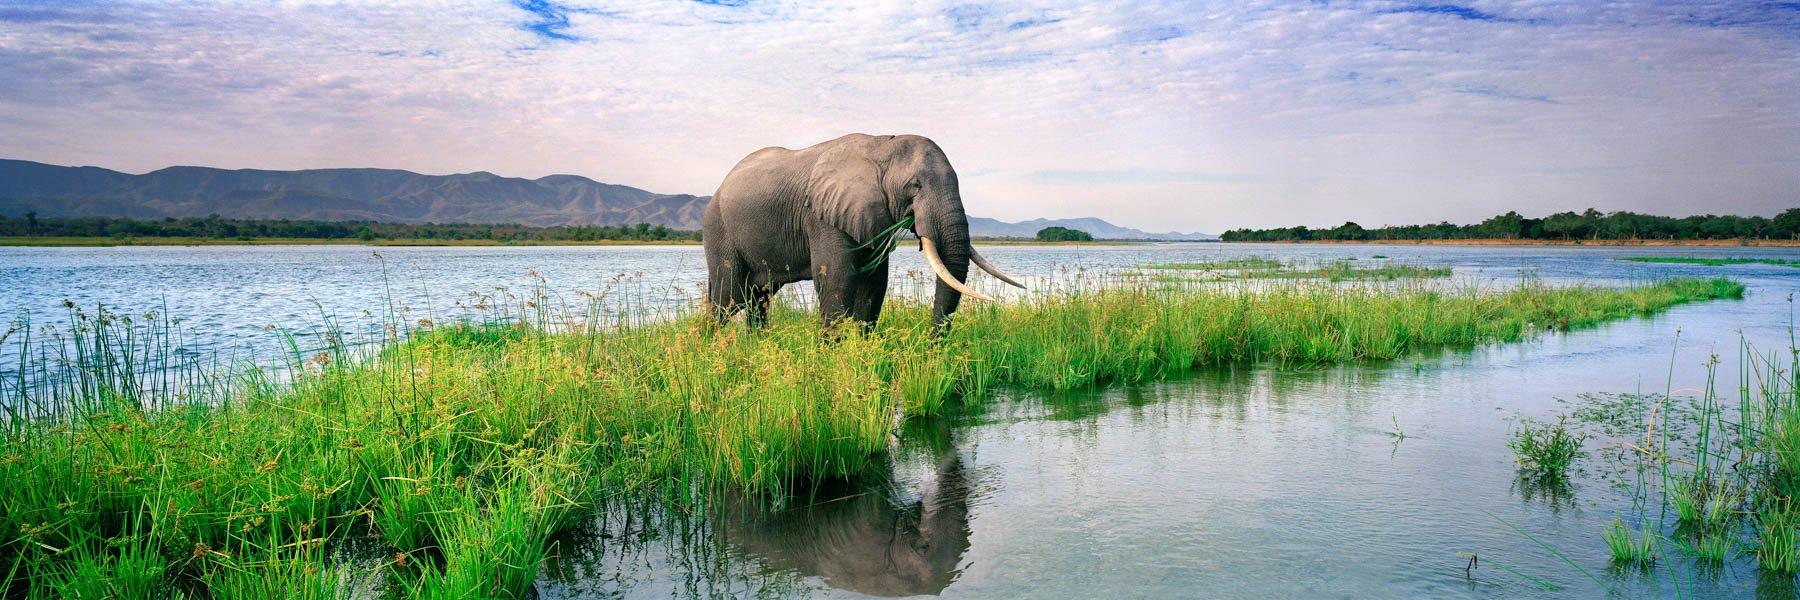 Bull elephant grazing on a grass island in the Zambezi River, Zimbabwe.